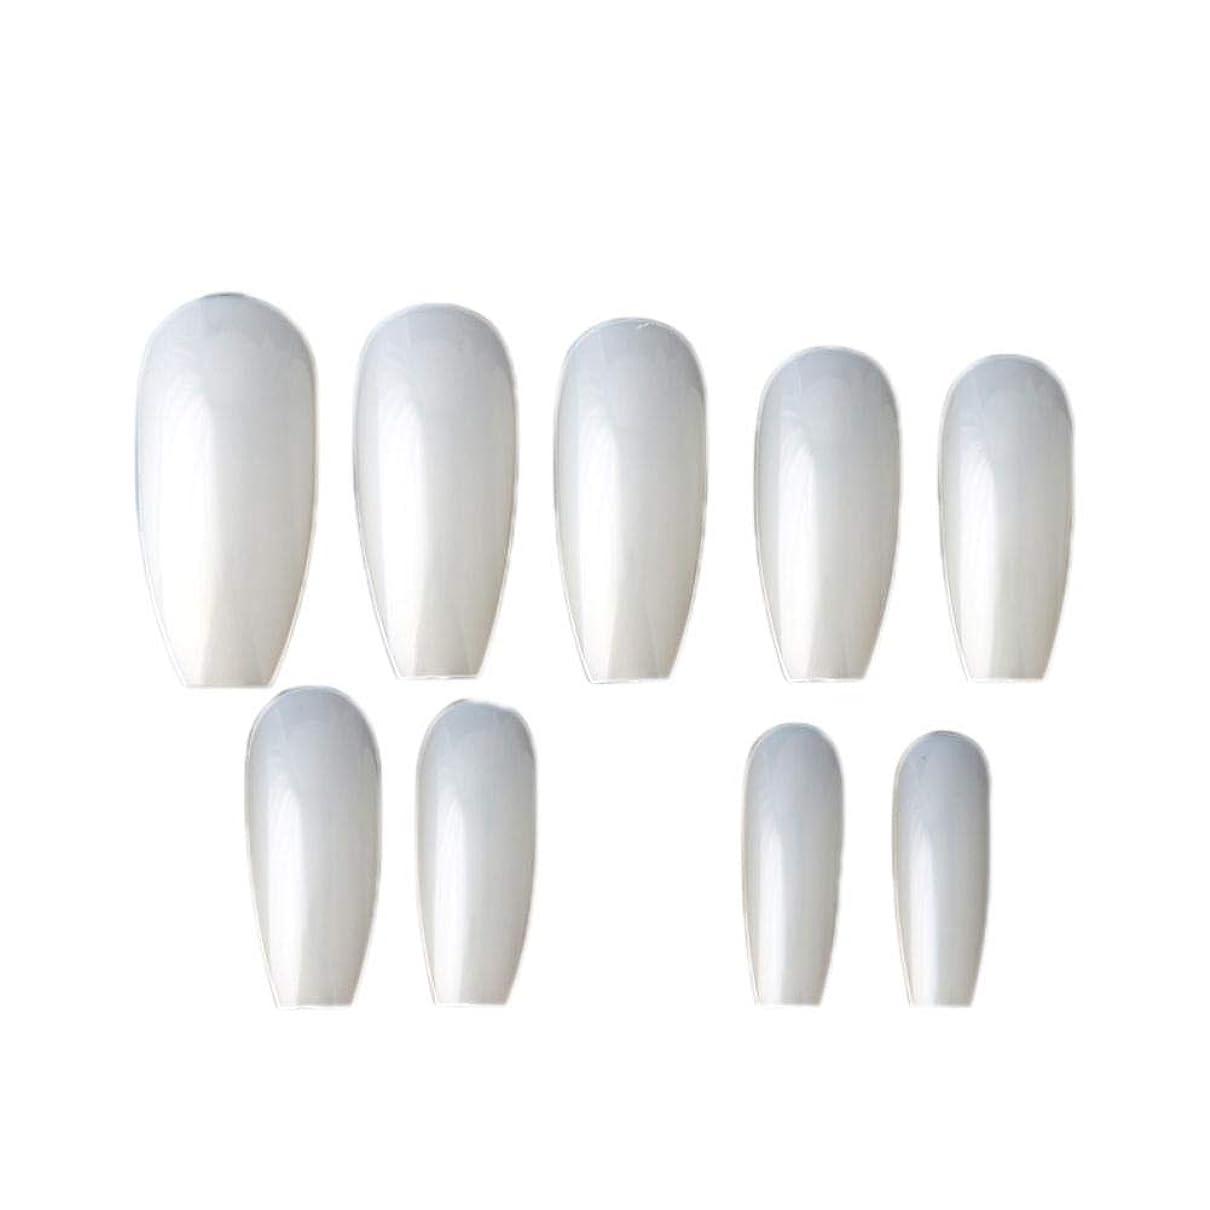 発生する世界良さネイルチップ つけ爪 ネイルアート 600枚入れ ネイル用品 無地 練習用 爪にピッタリ ホワイト ショートからロングまで総10サイズ junexi